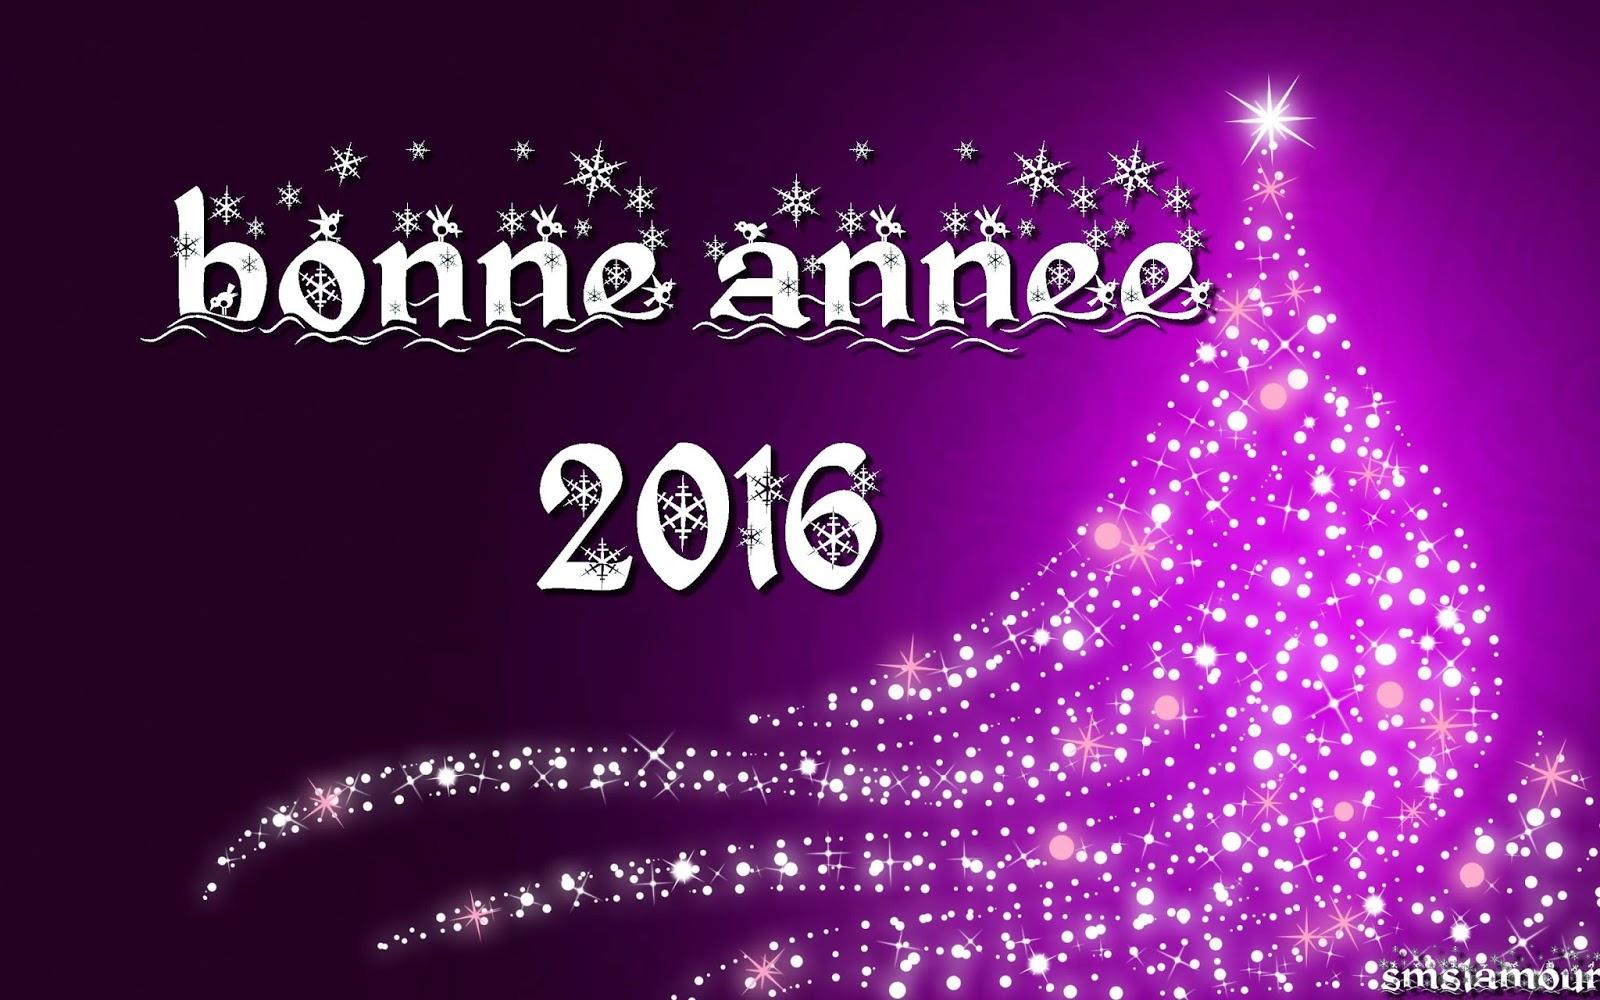 Message bonne annee 2016 message d 39 amour messages et sms d 39 amour - Belles images bonne annee ...